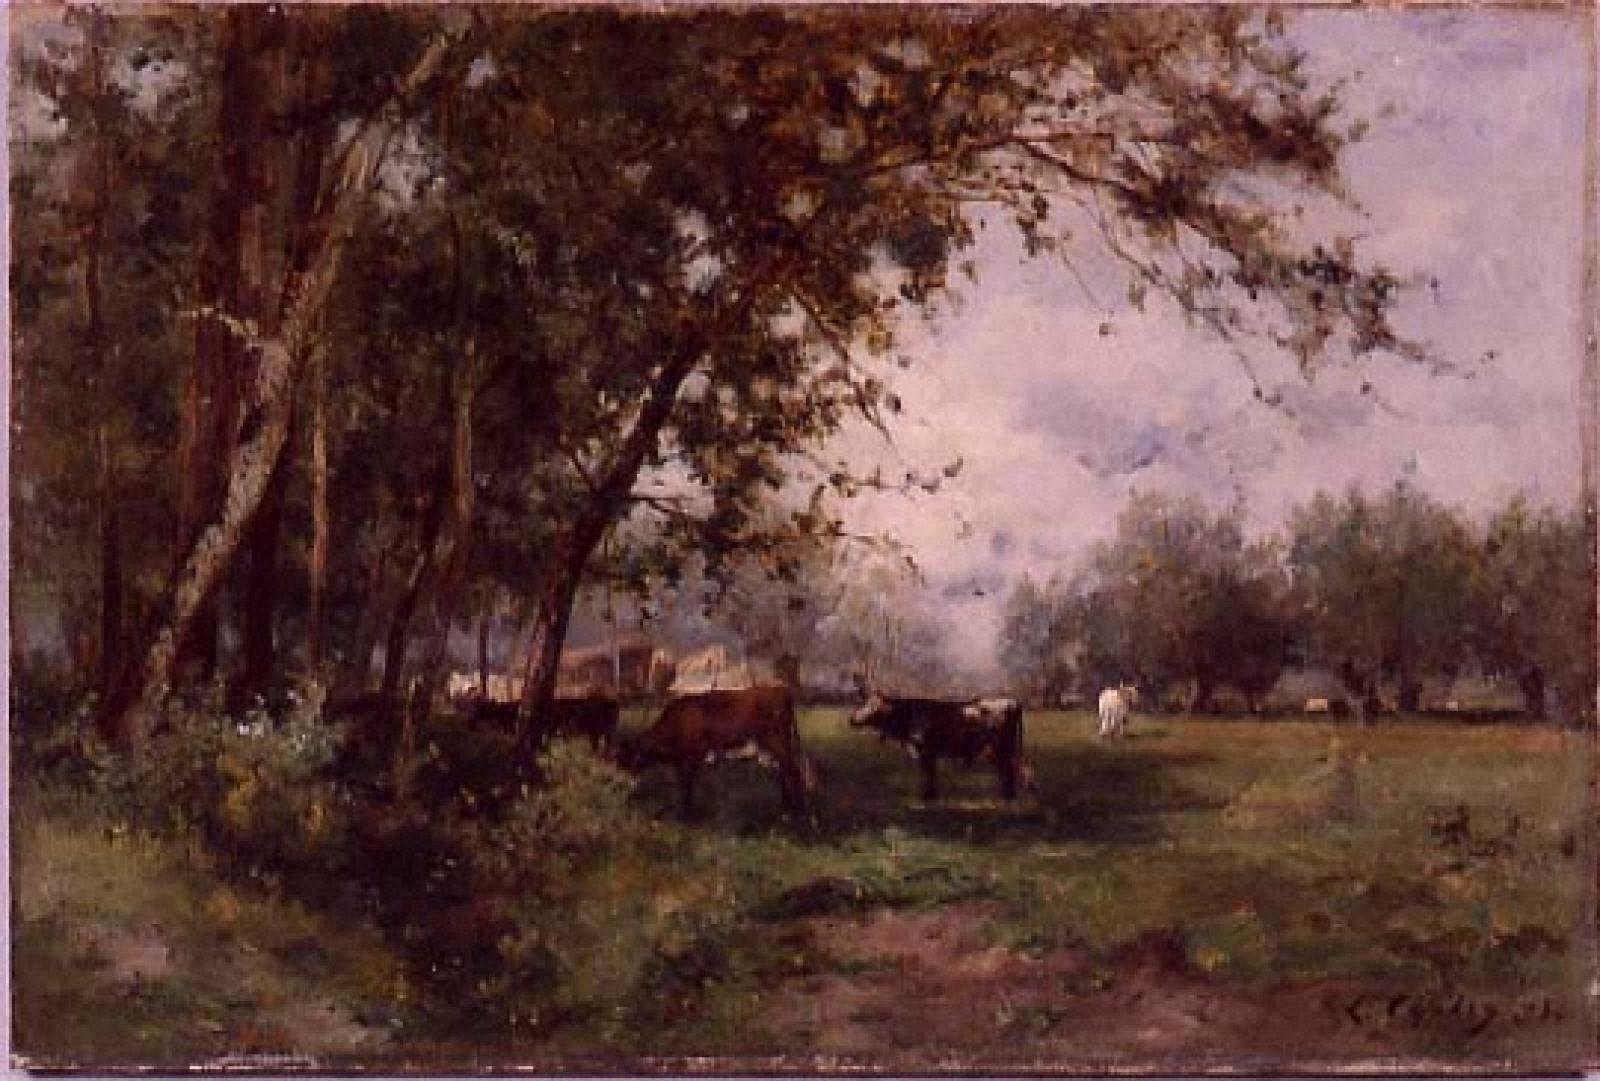 牧場と木々